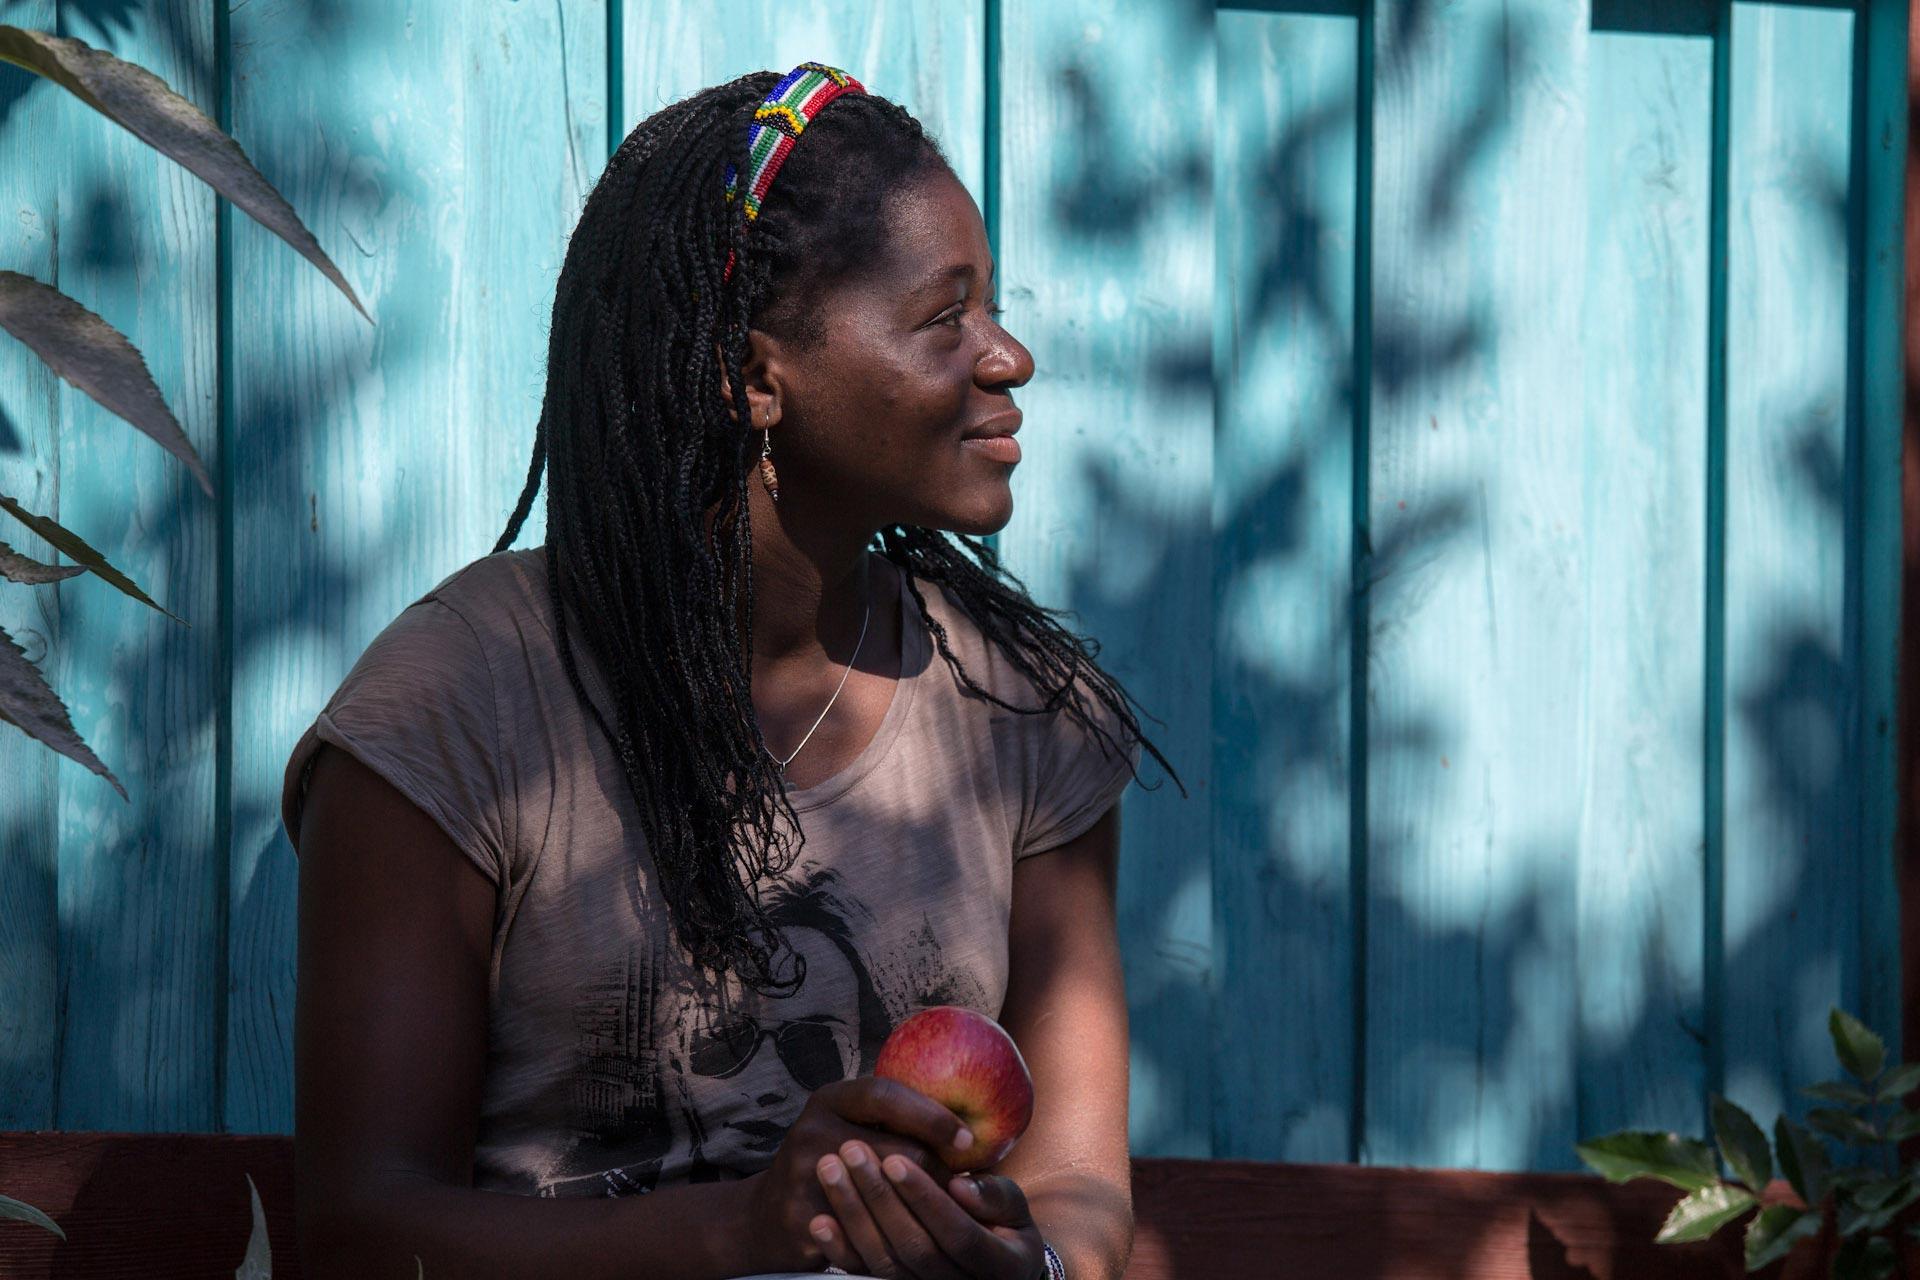 """""""Lena ist die beredte, aber Adelaide ist die, die Sprachen spricht. Außer Sepedi, ihrer Muttersprache, noch zehn afrikanische Sprachen, Englisch und Afrikaans. In Turbogeschwindigkeit hat sie Deutsch gelernt."""""""